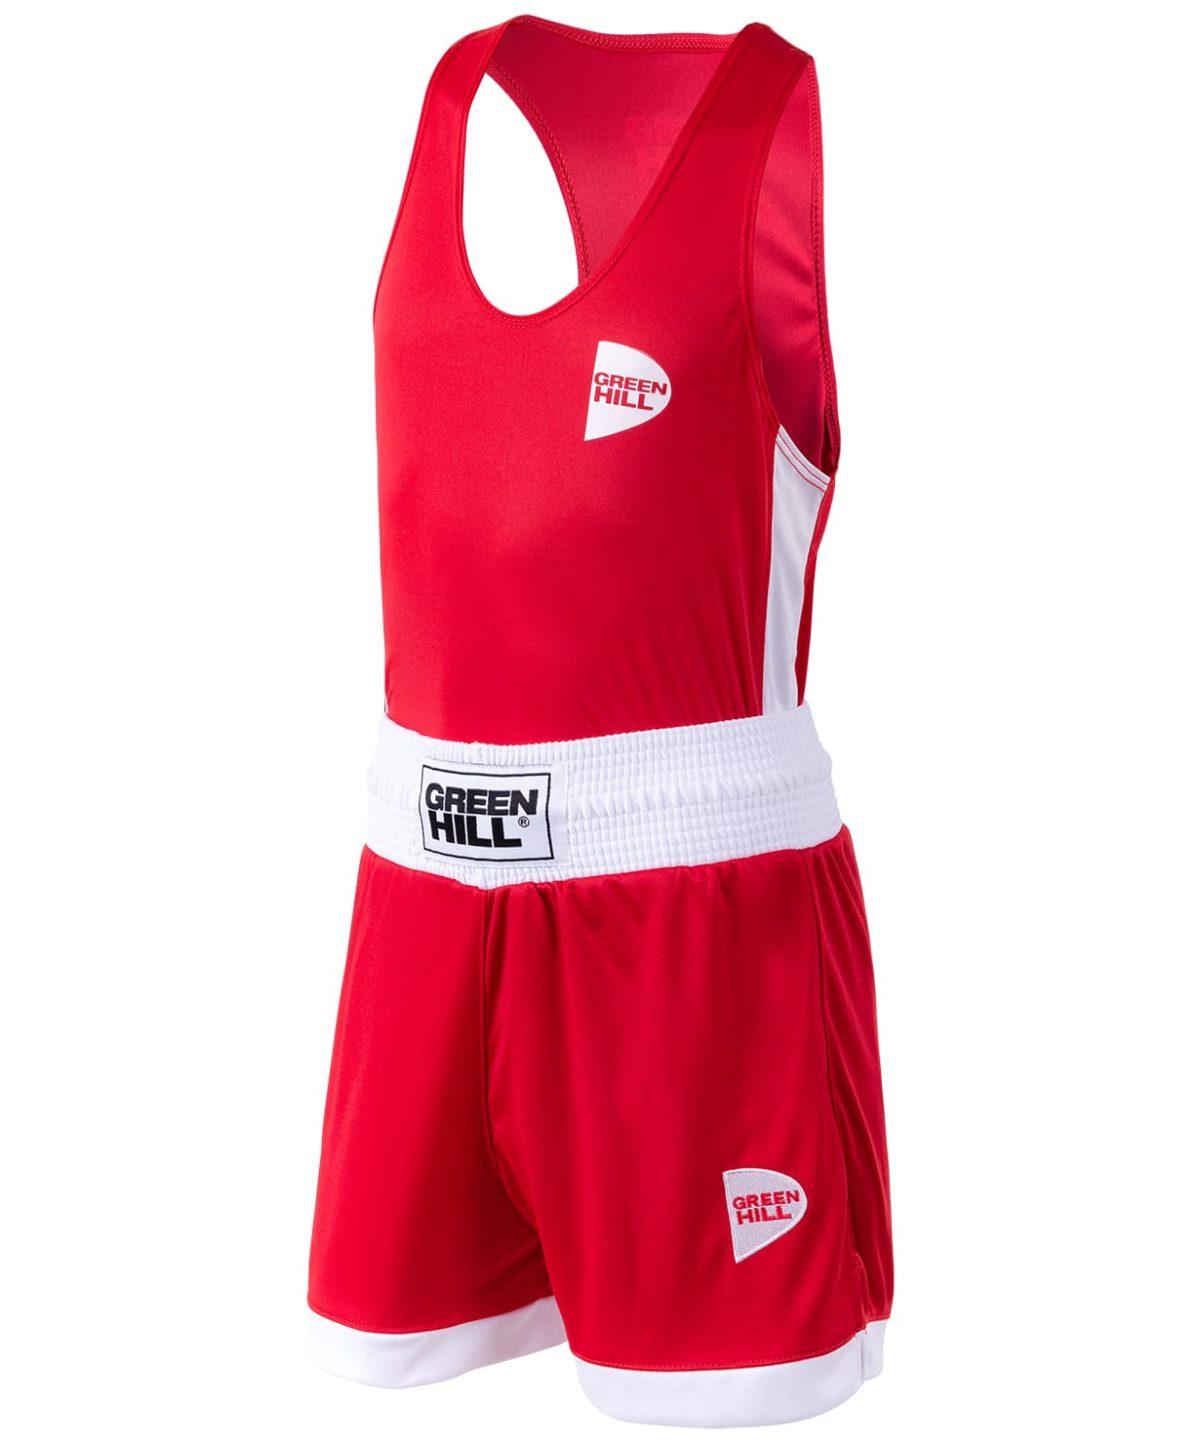 GREEN HILL Interlock Форма для бокса детская BSI-3805: красный - 1